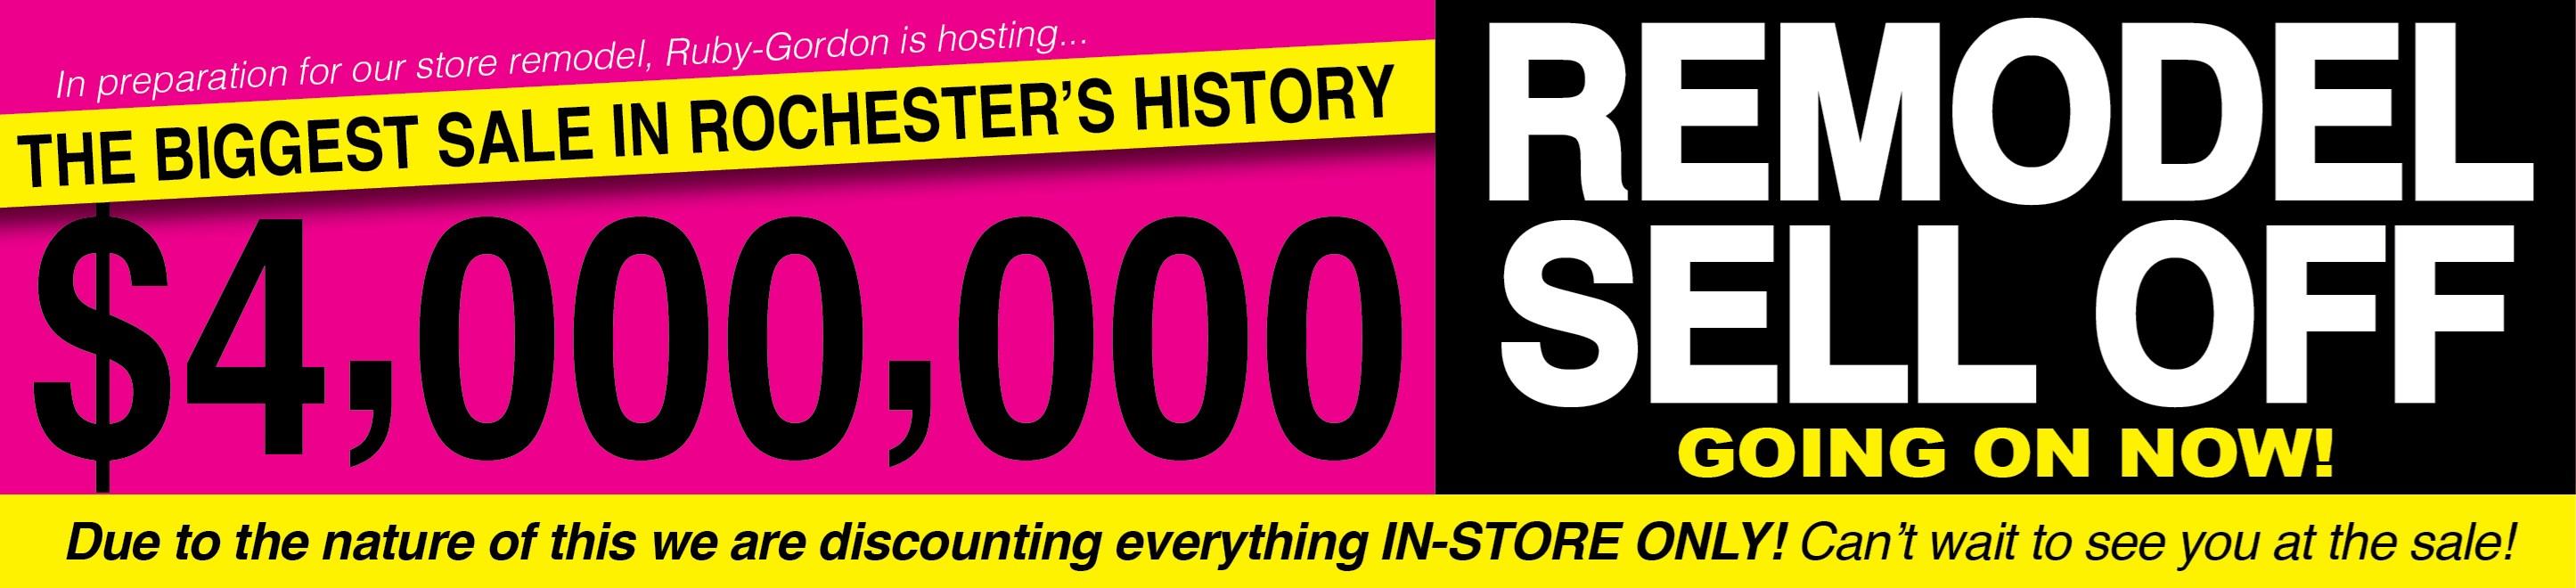 $4 Million Remodeling Sale